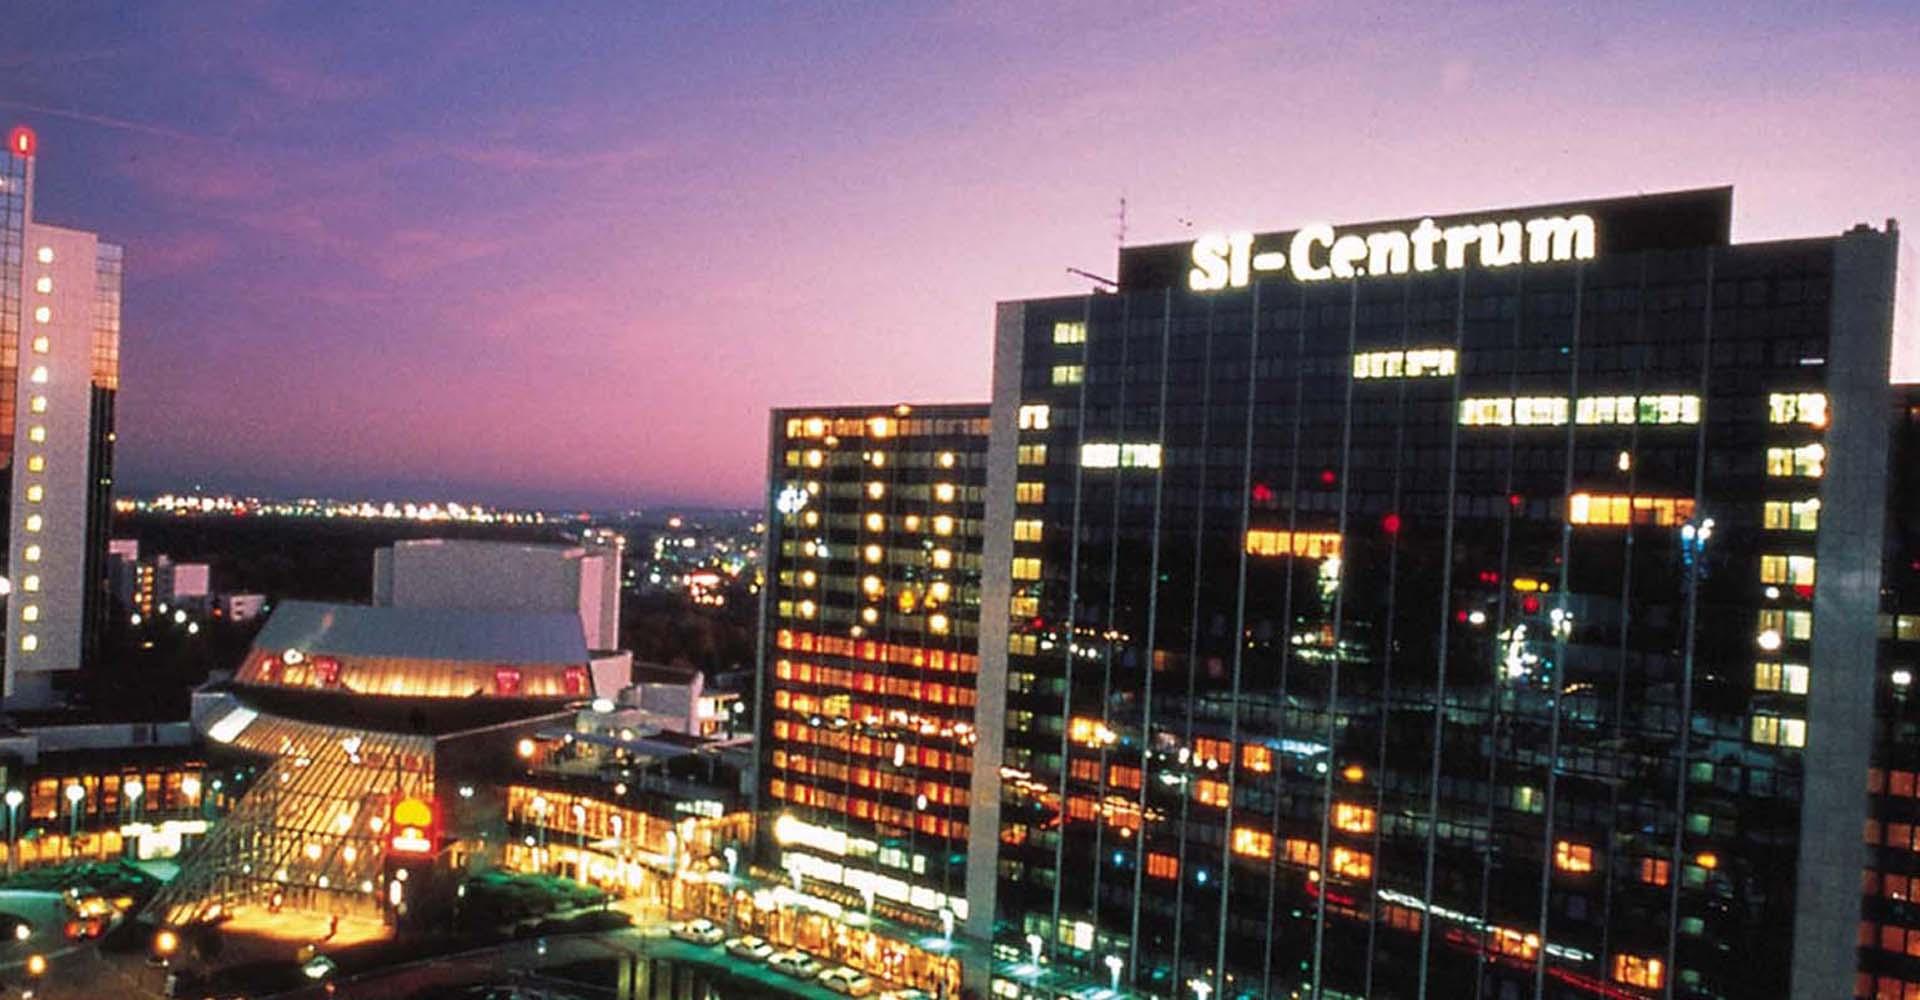 Si Centrum Casino Г¶ffnungszeiten